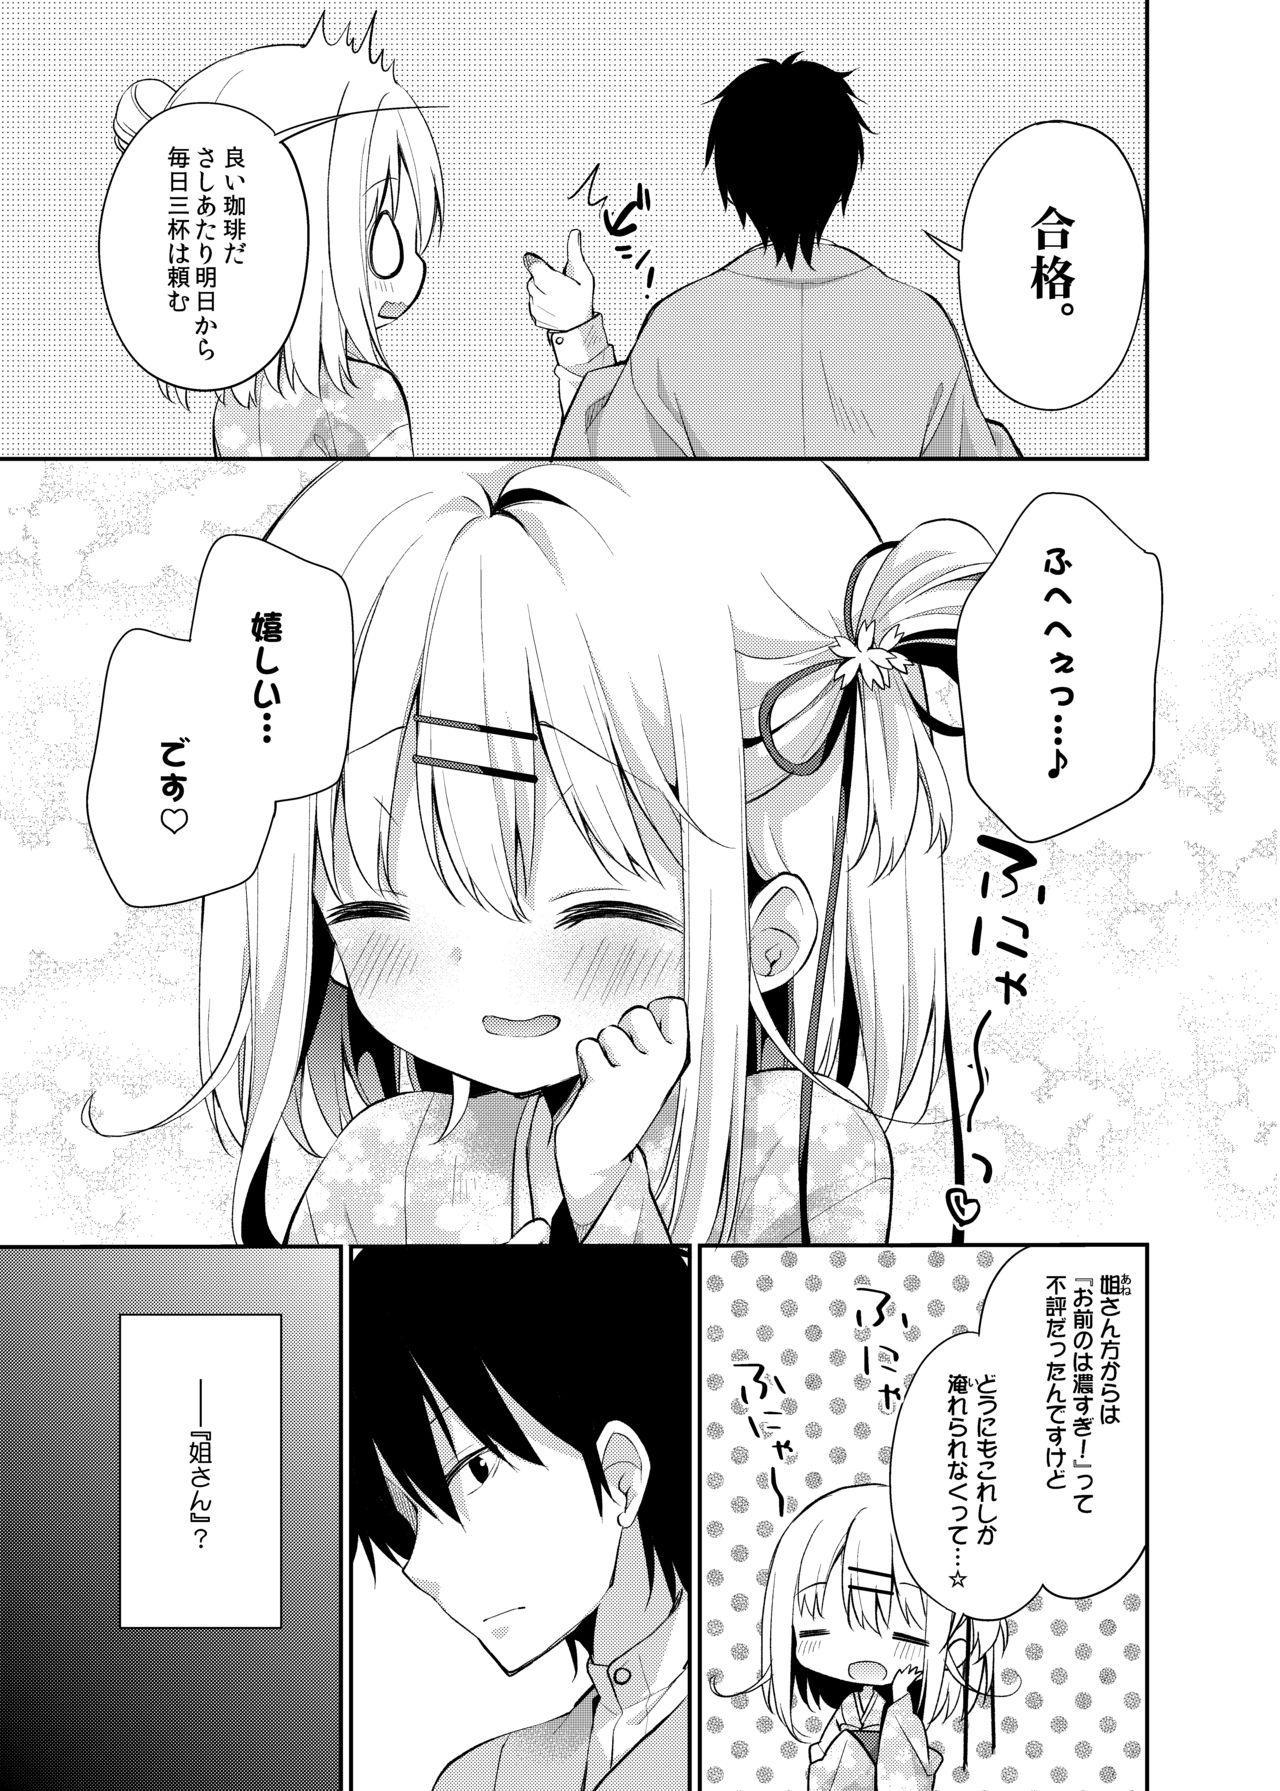 Onnanoko no Mayu Soushuuhen 01 14